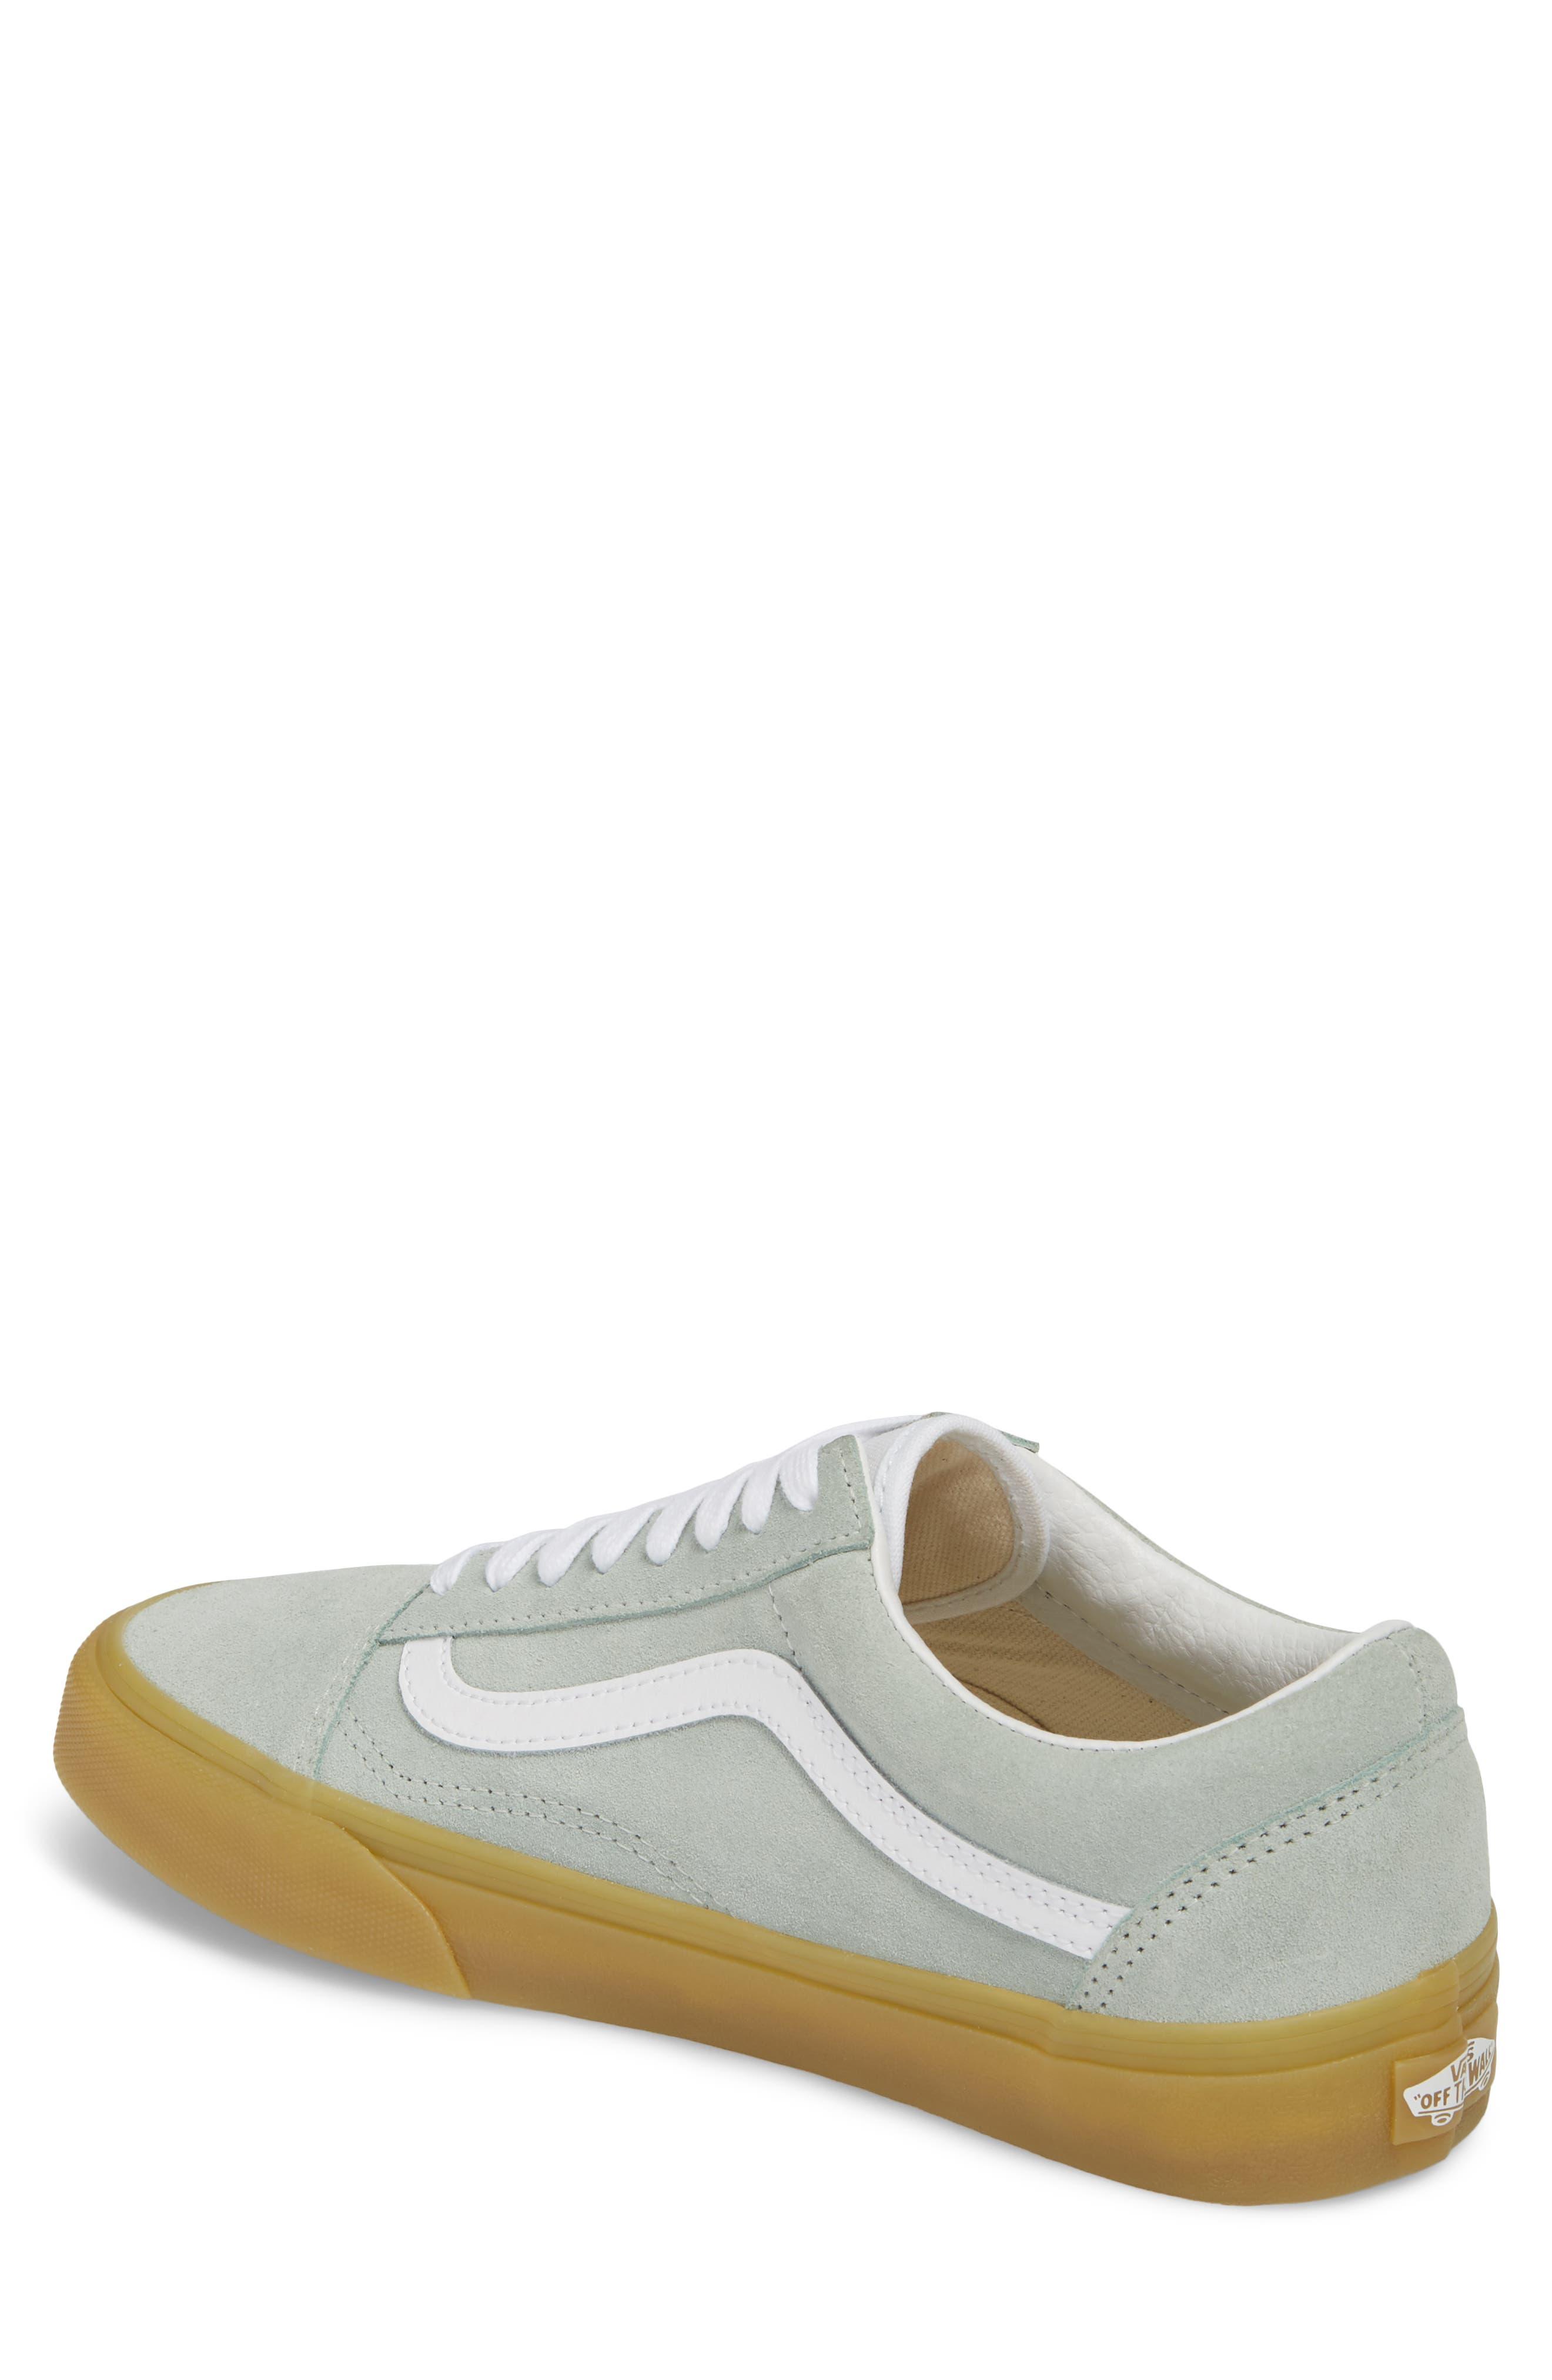 Gum Old Skool Sneaker,                             Alternate thumbnail 2, color,                             Metal Leather